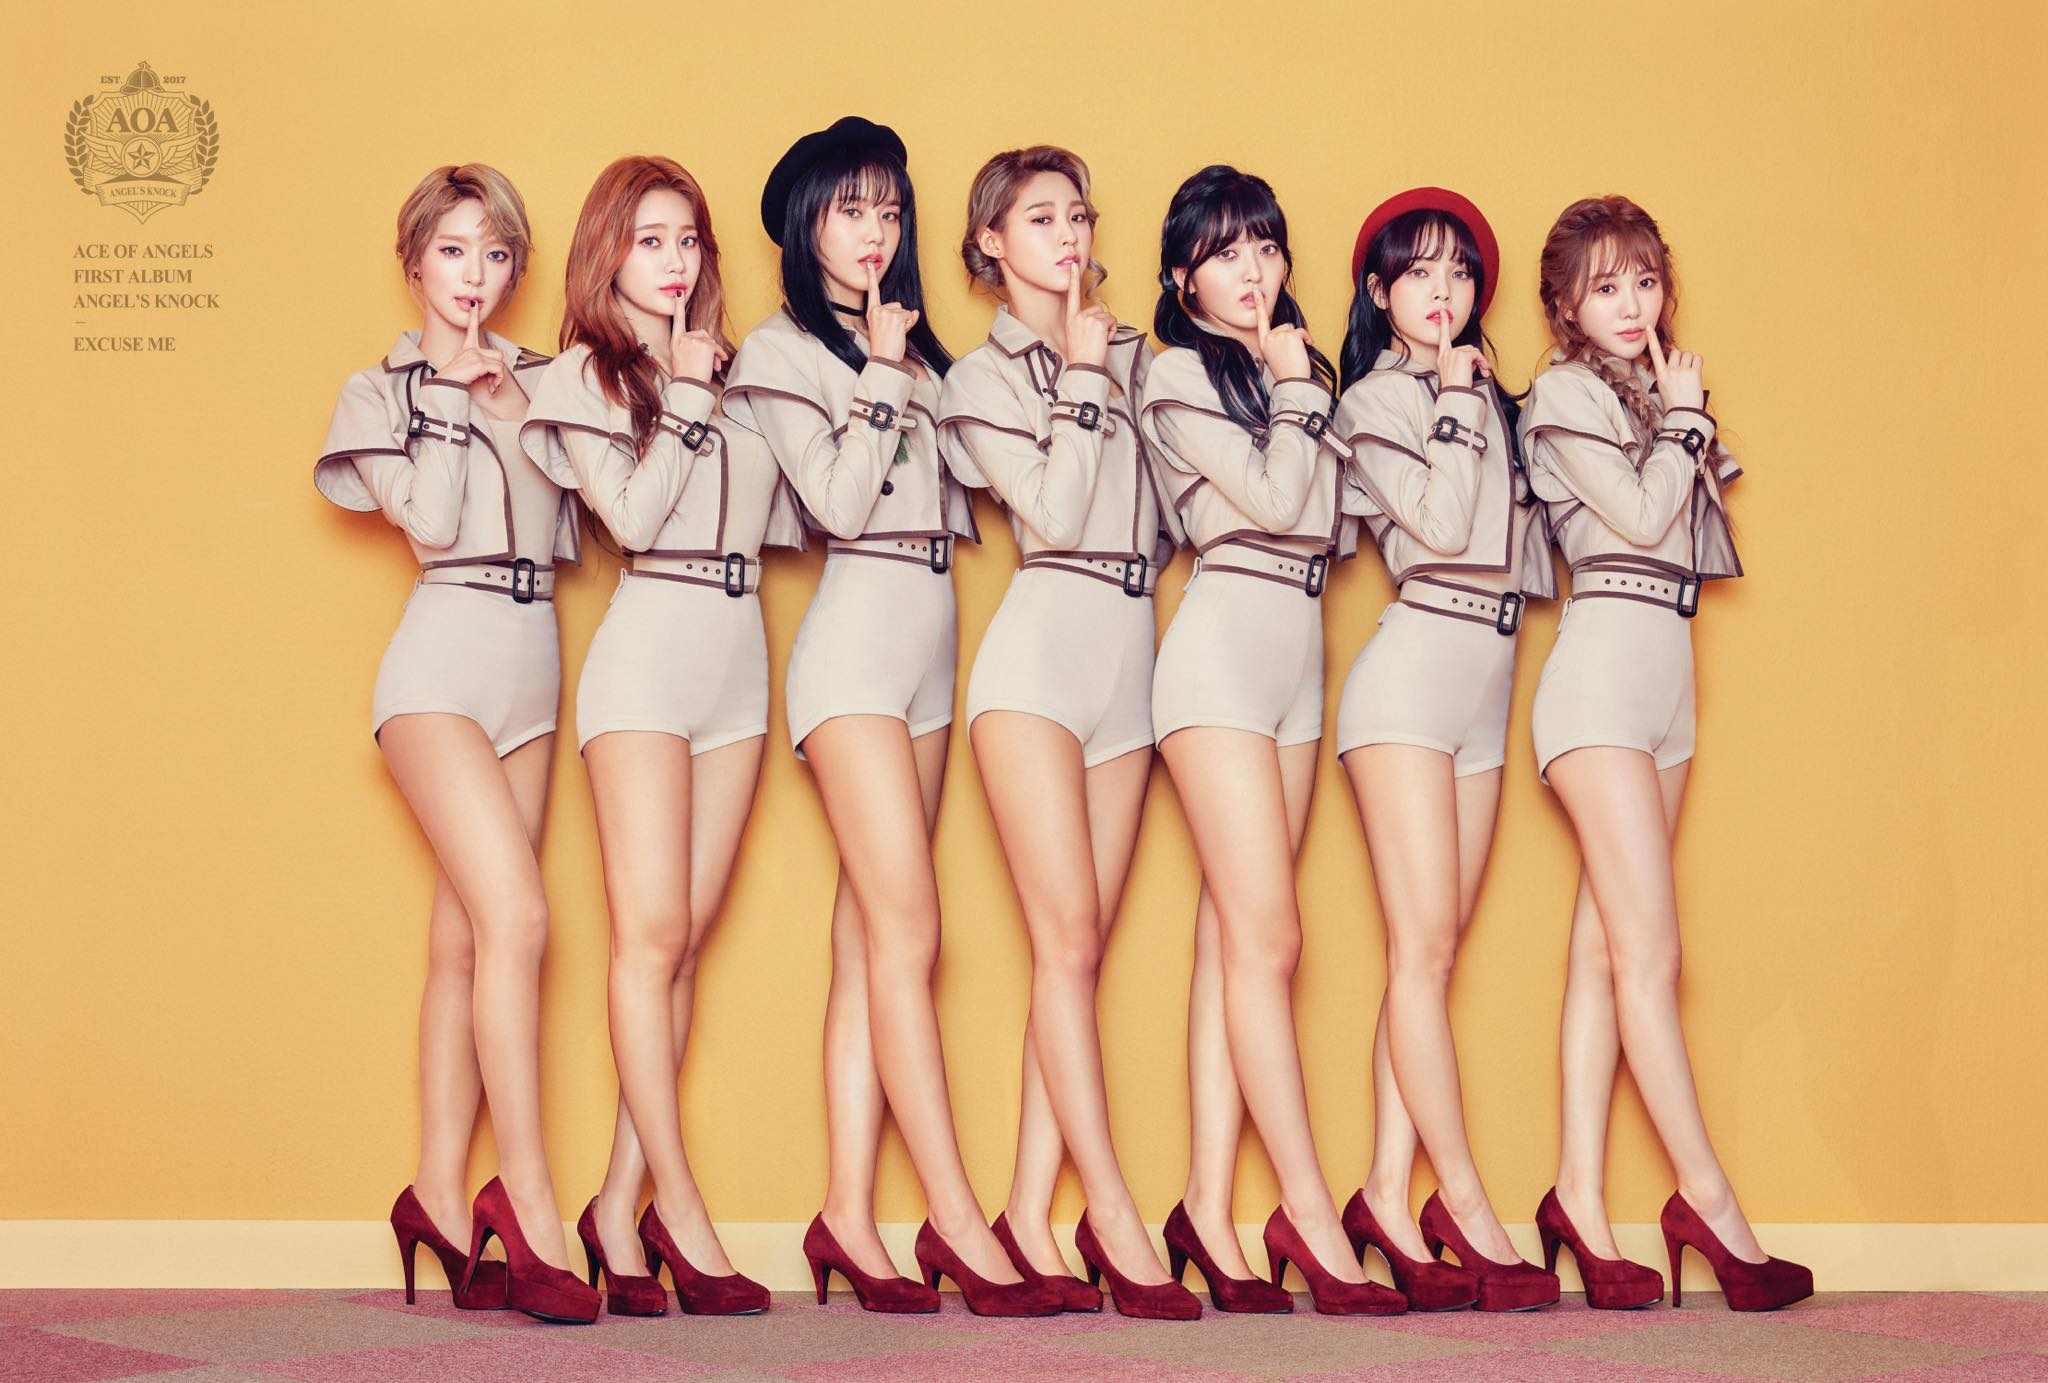 雖然在和勇敢兄弟接連推出《Short hair》、《Mini skirt》、《like a cat》等曲目後,AOA已經算是韓國相當知名的性感女團 ,但是讓AOA的話題性飆高,似乎還是在FNC改推雪炫作為中心之後發生。雖然大家對FNC每次「主捧」是誰一看就知道的行為很感冒,但不得不說在商業策略上FNC還是有他成功的地方